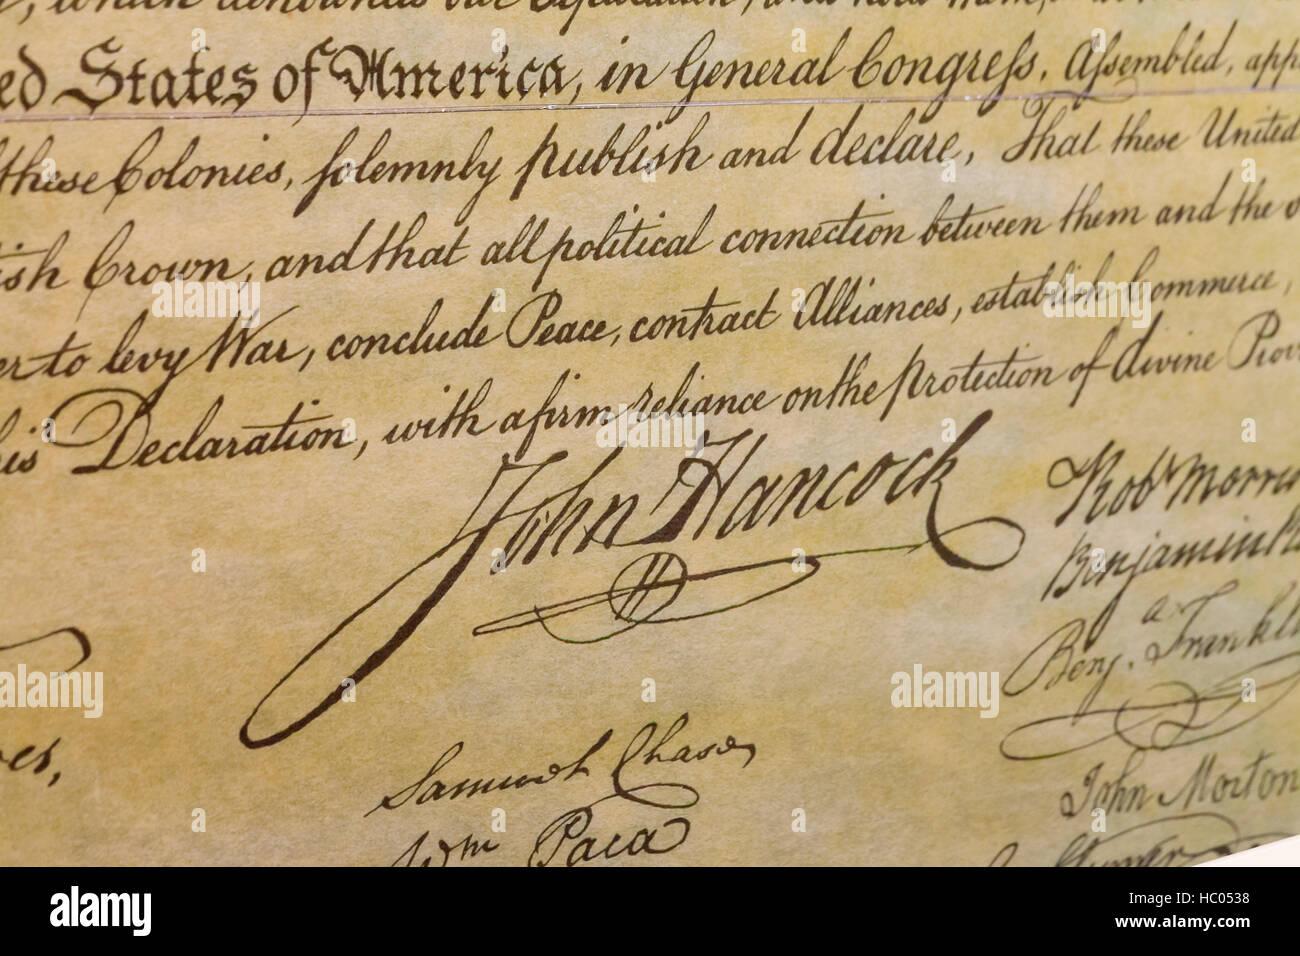 John Hancock signature comme indiqué sur la copie de l'absorbé nous Déclaration d'Indépendance Banque D'Images